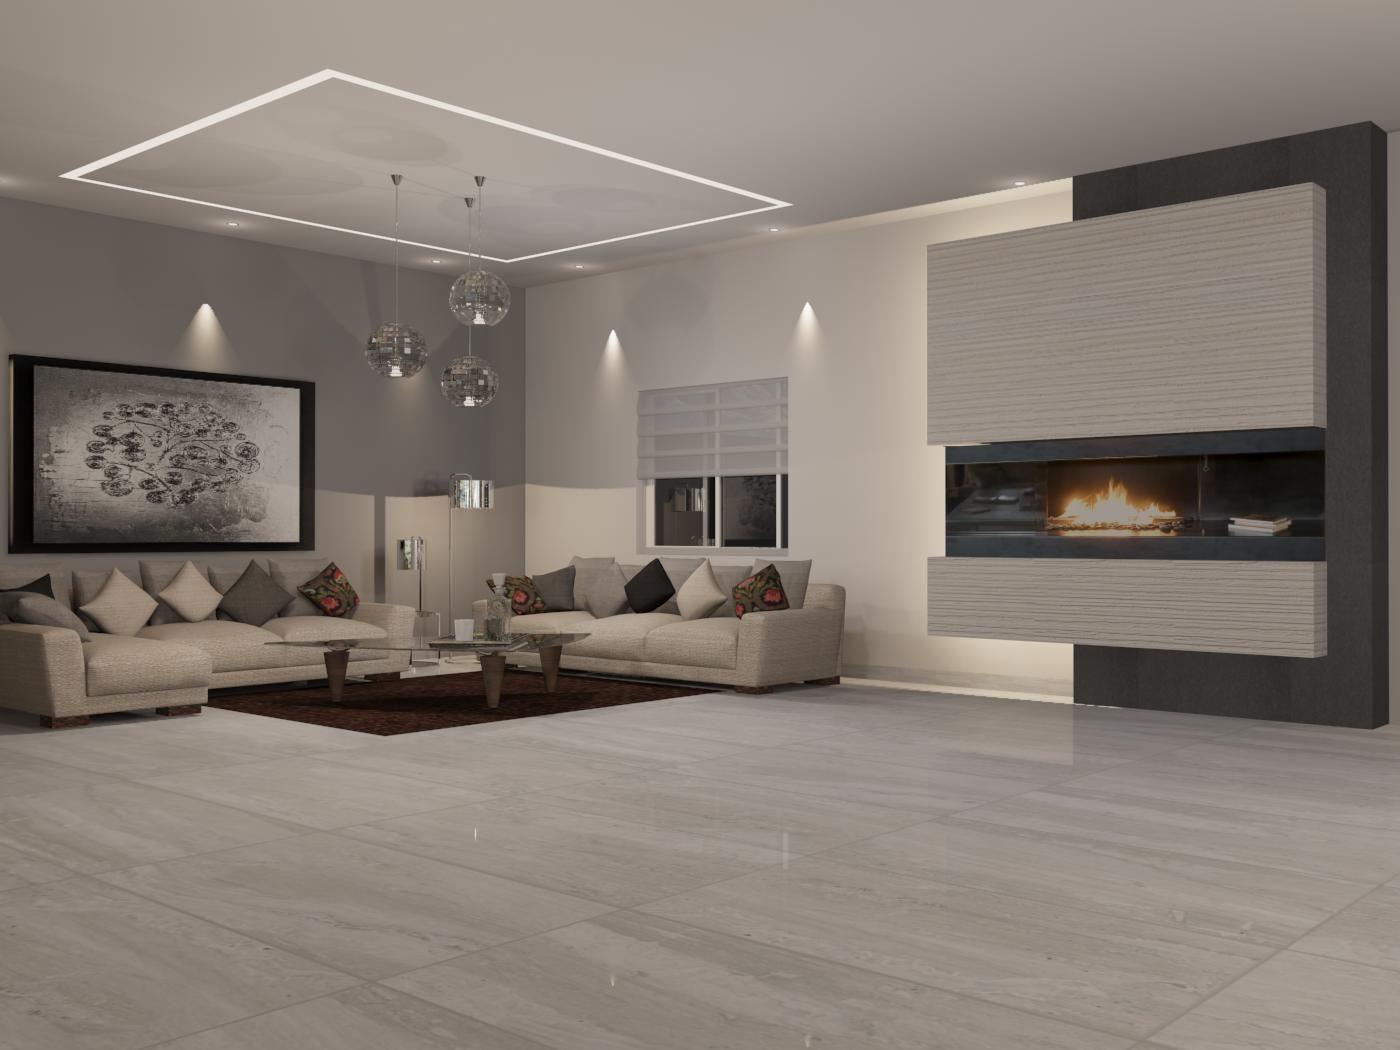 Sala de estilo contempornteo Materiales utilizados Piso